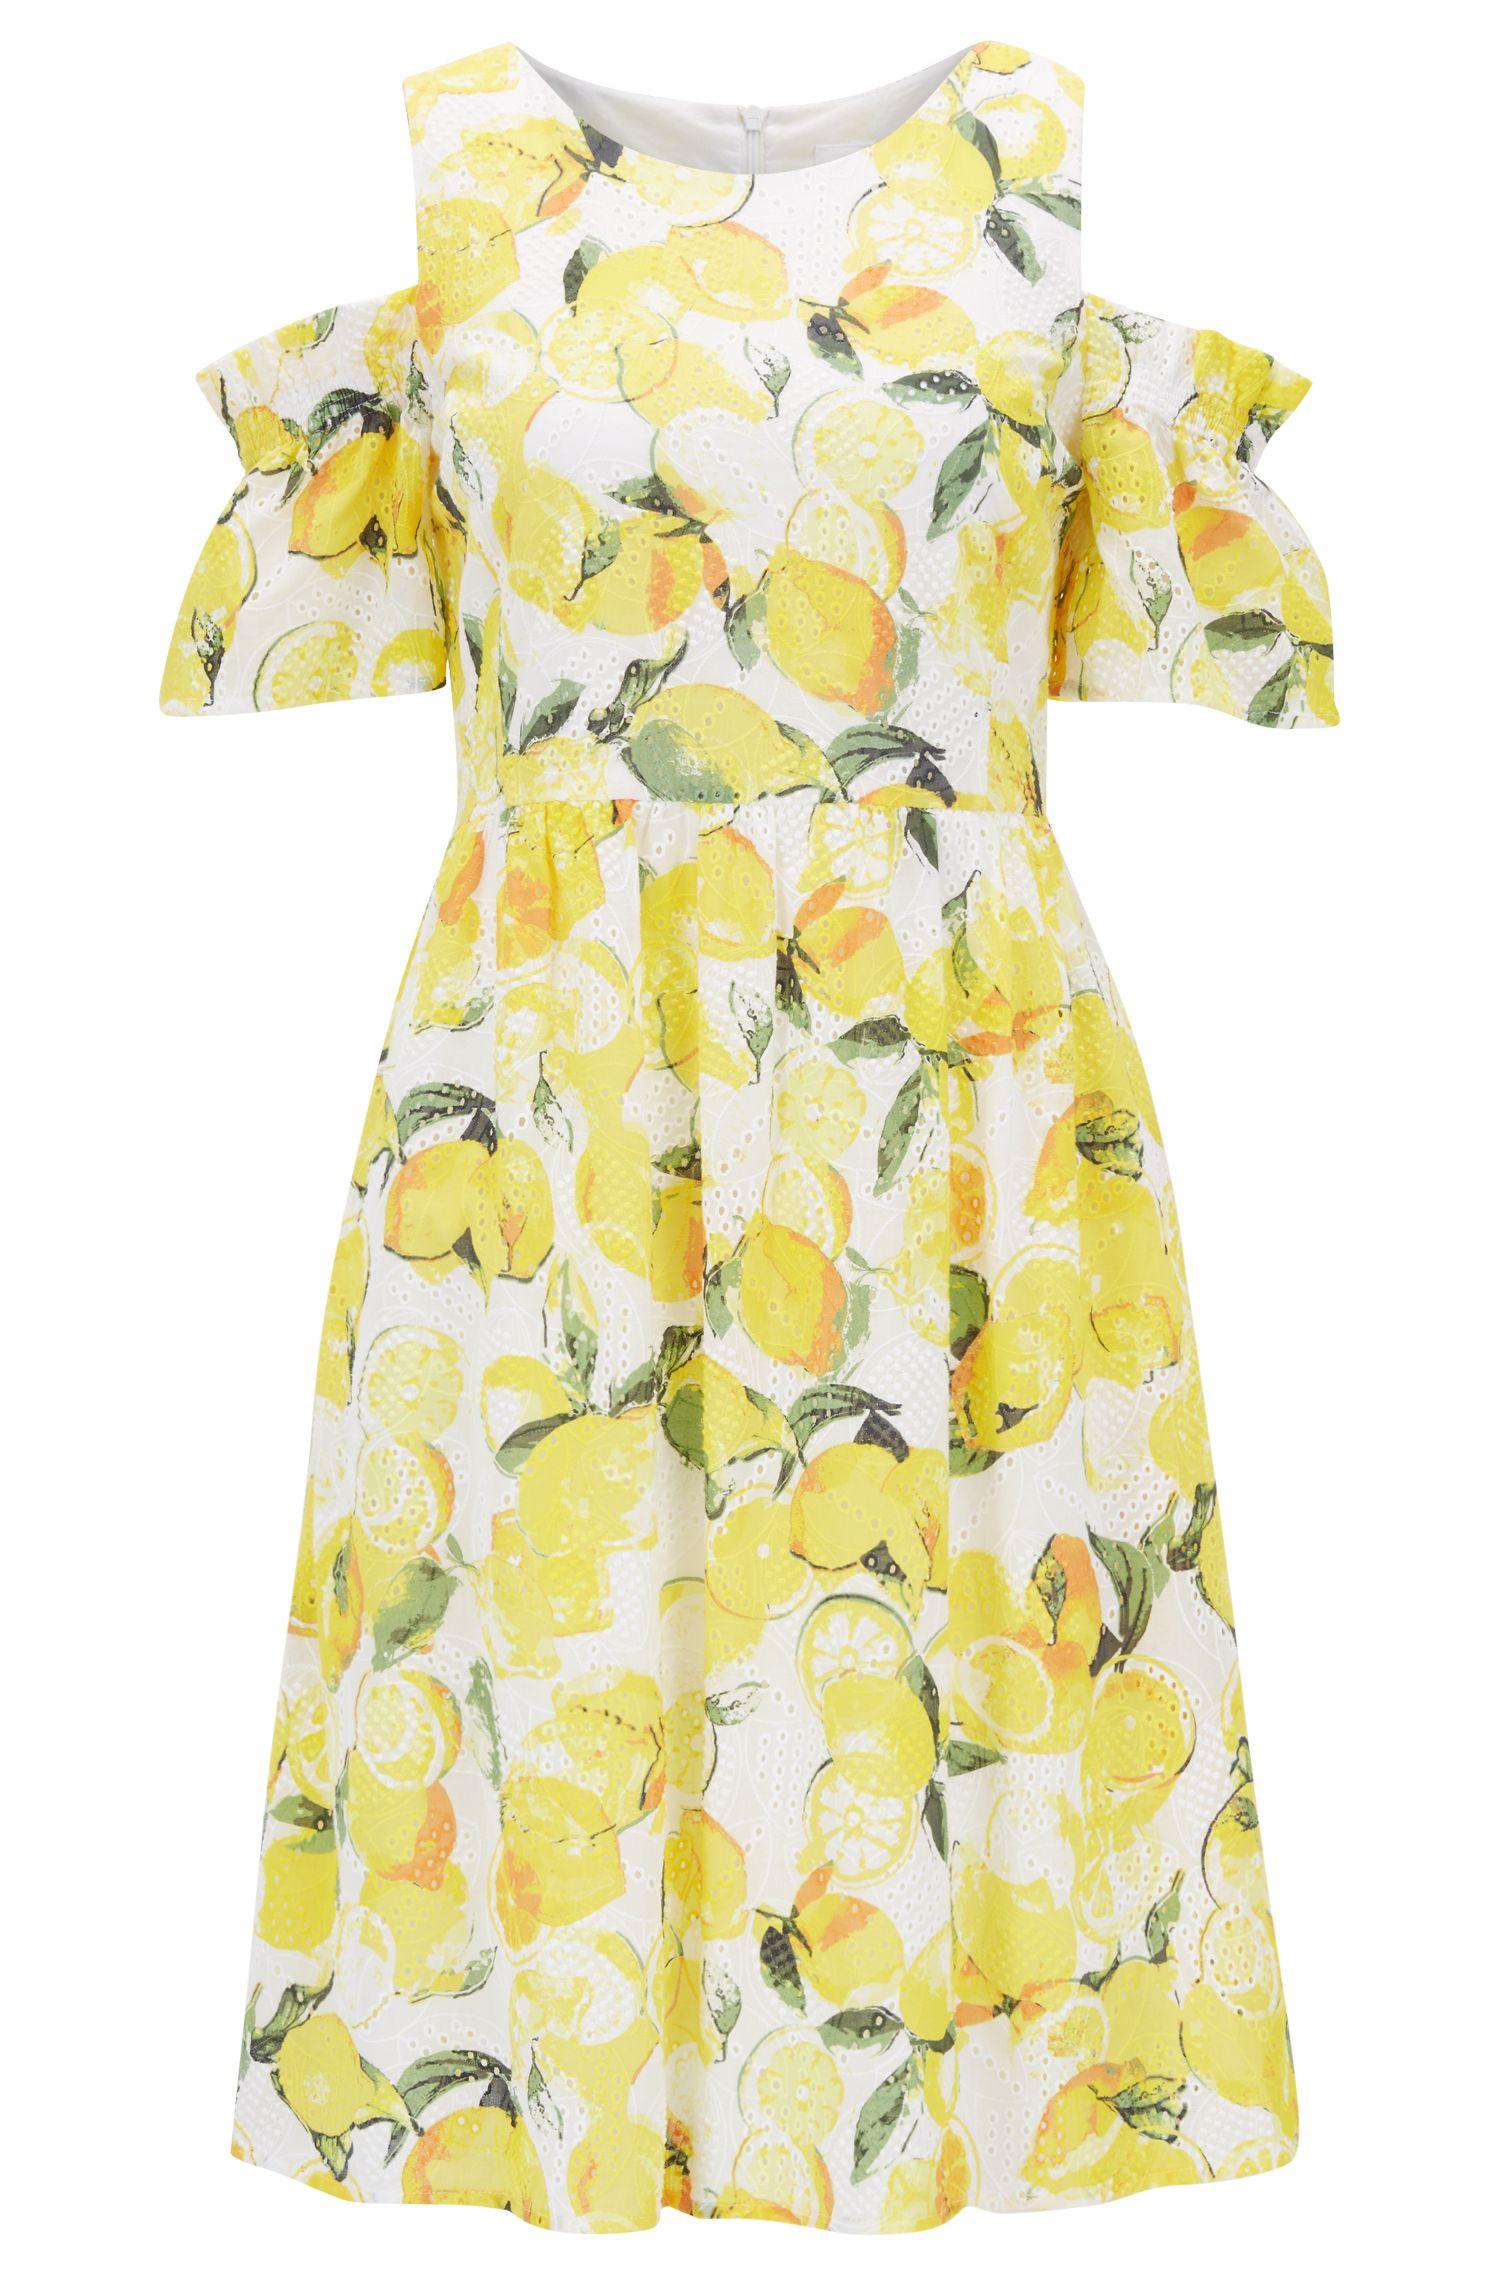 Baumwoll-Kleid mit Lochstickerei und Zitronen-Print